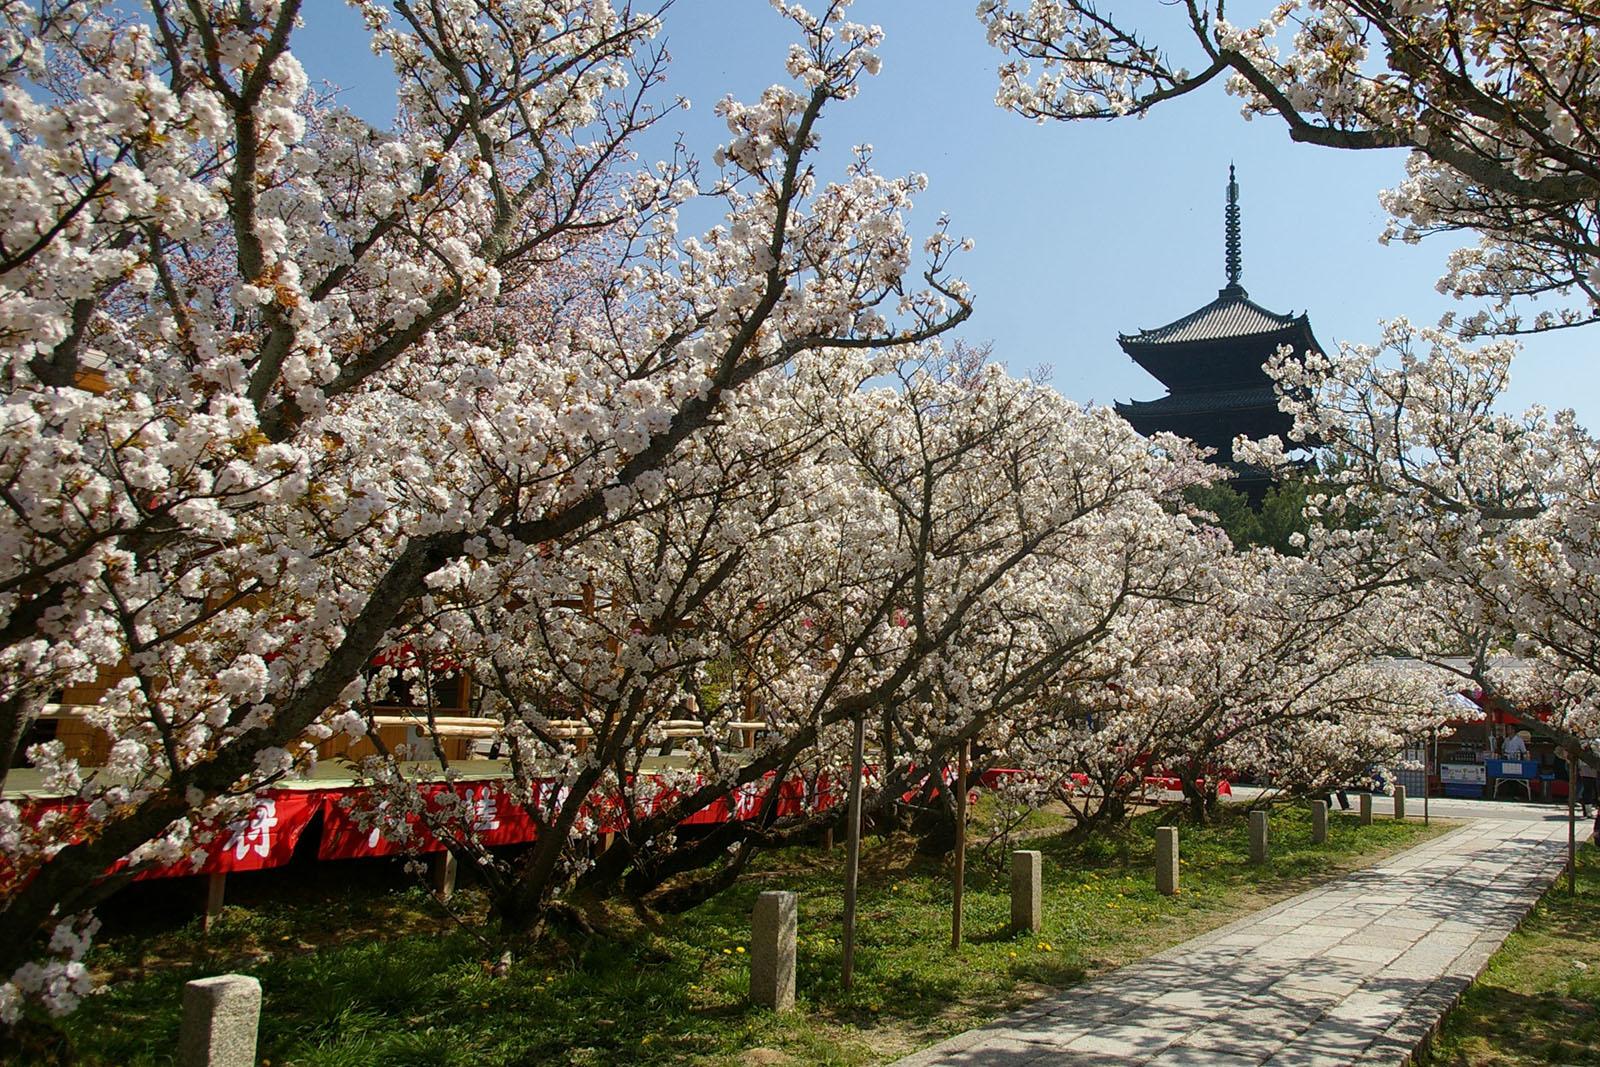 「仁和寺 櫻花」的圖片搜尋結果